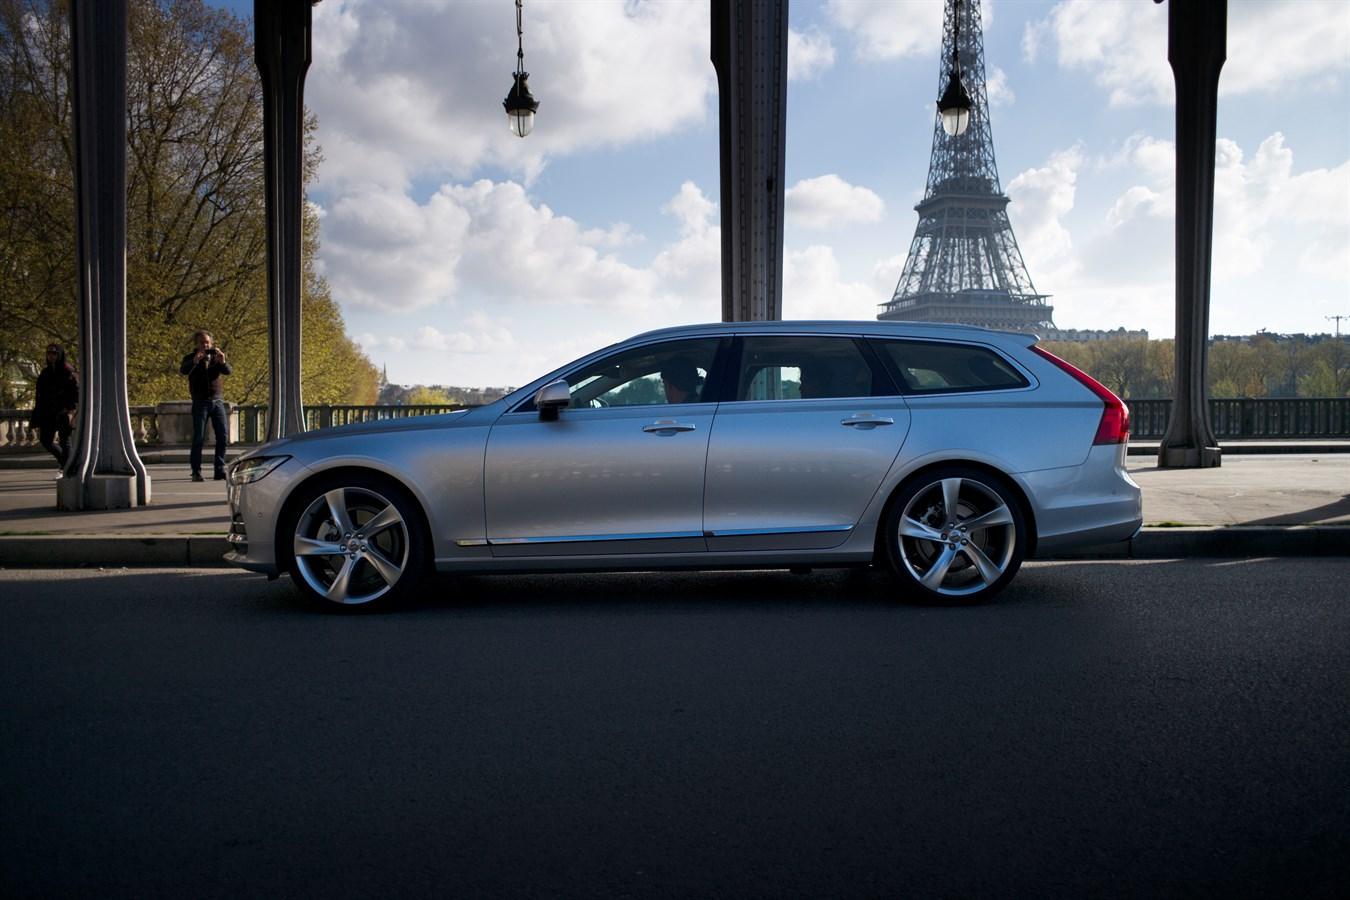 ZLATAN IBRAHIMOVIC PARTAGE LA VEDETTE AVEC LE NOUVEAU VOLVO V90 DANS LA NOUVELLE CAMPAGNE MARKETING DE VOLVO CARS